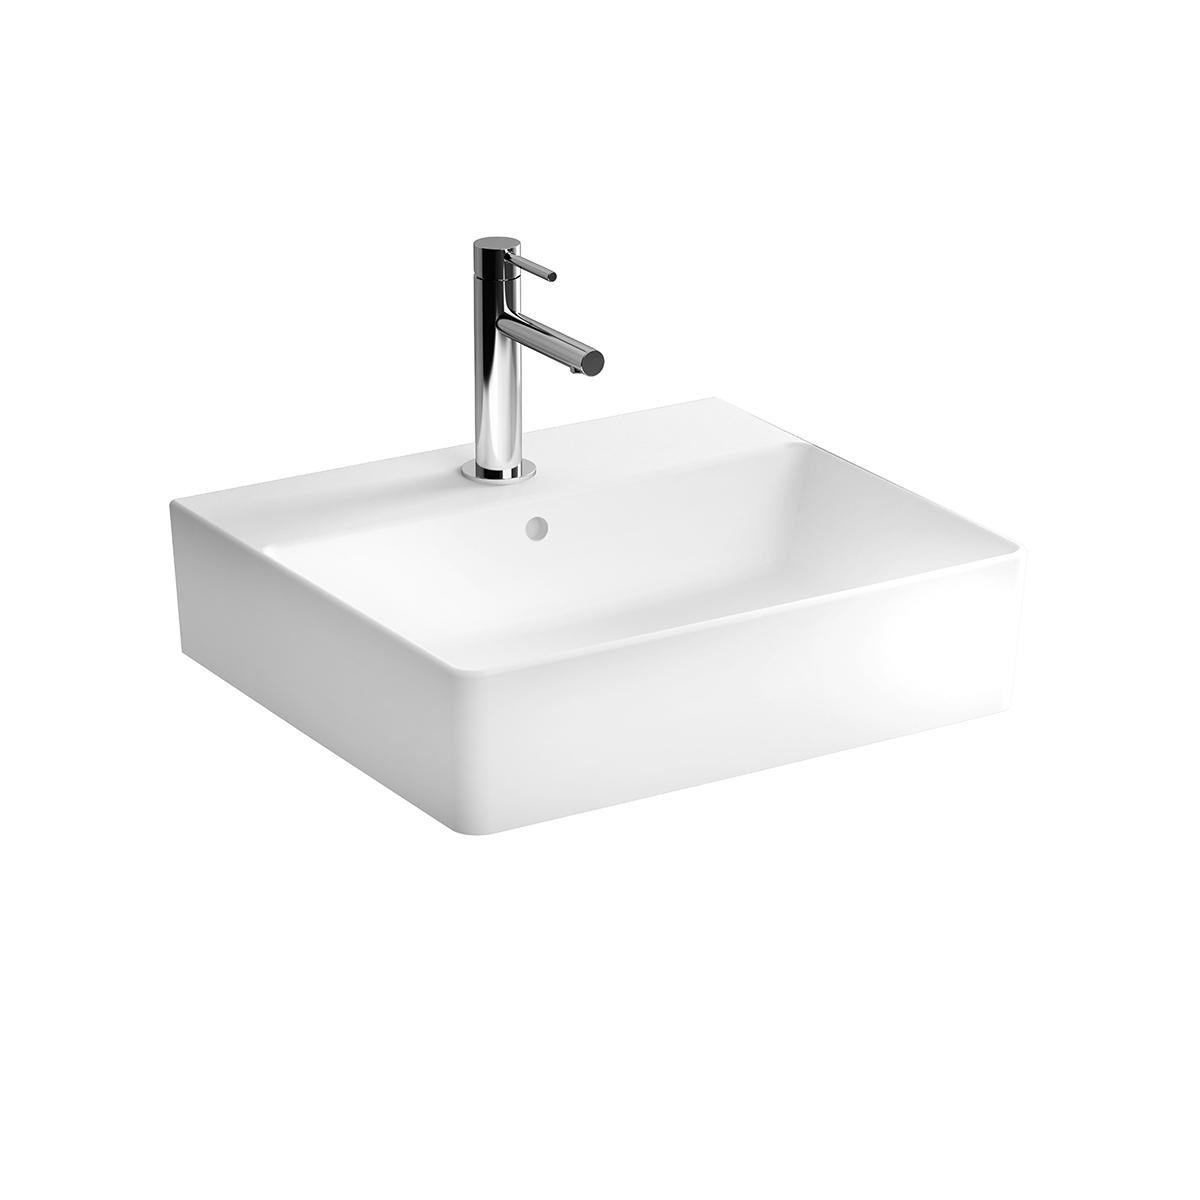 Nuo Waschtisch 50 cm, mit Hahnloch, mittig ohne Überlaufloch, Weiß